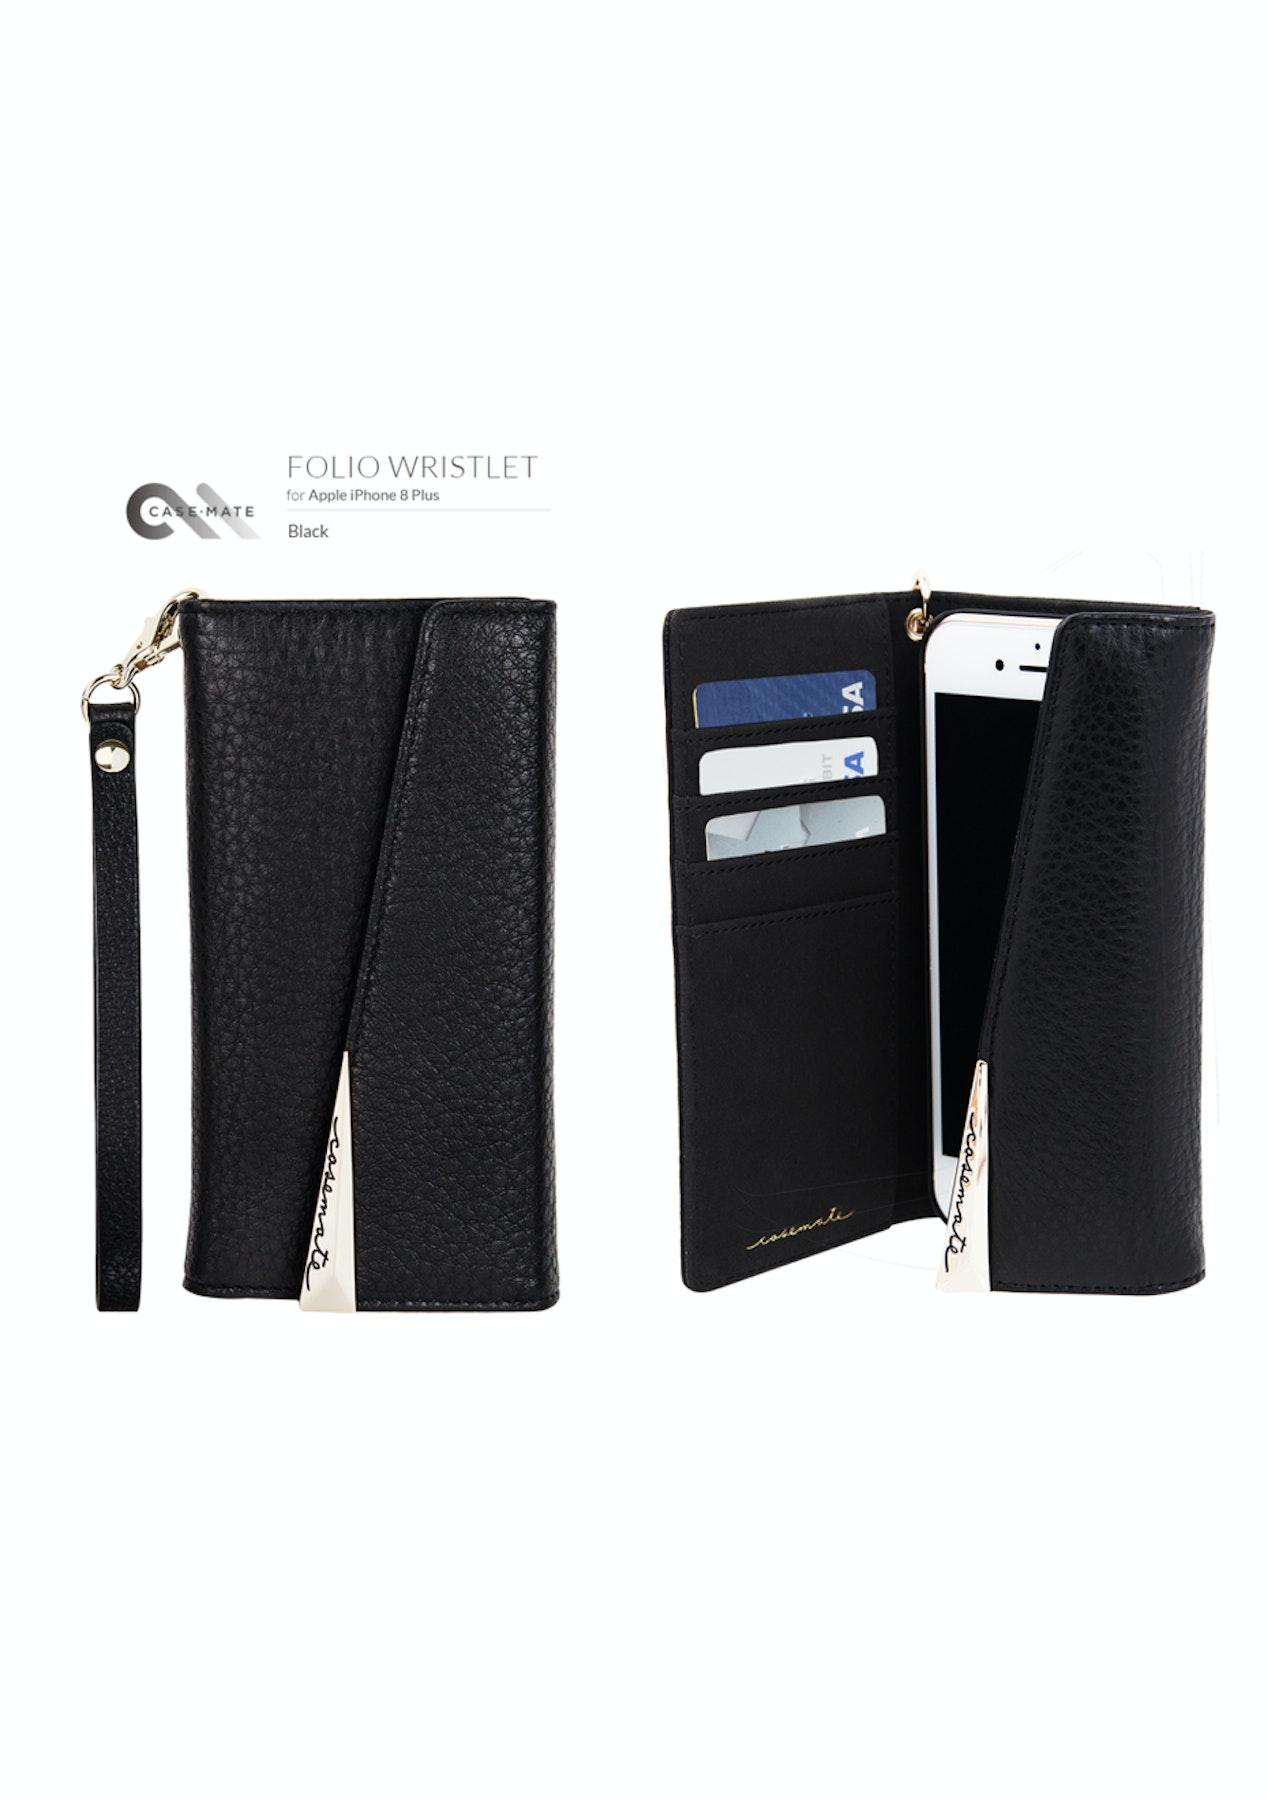 buy online 50b87 4c651 Casemate Apple iPhone 8 Plus / 7 Plus / 6S Plus - Wristlet Folio Case -  Black